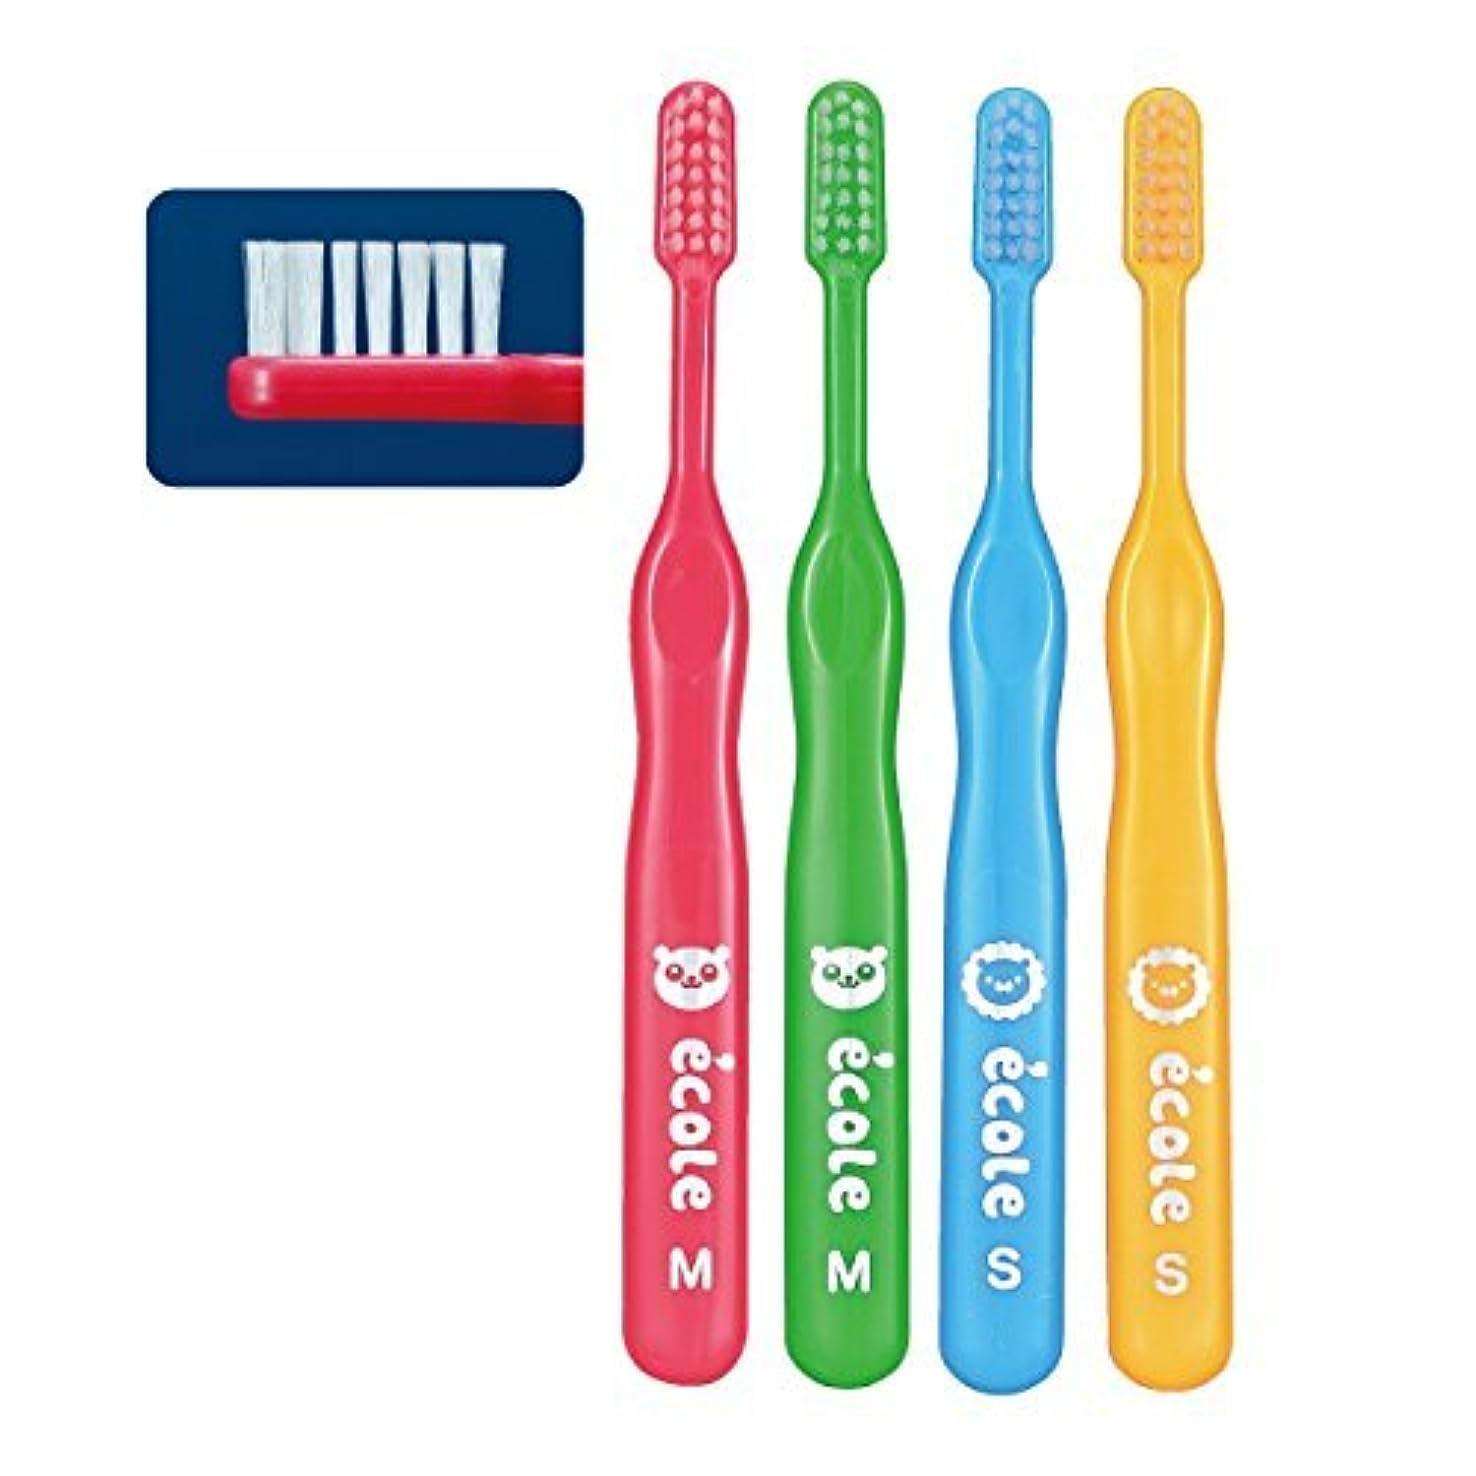 事前に増幅する思われるリセラ エコル 幼児~小学生用歯ブラシ Sやわらかめ 40本入り